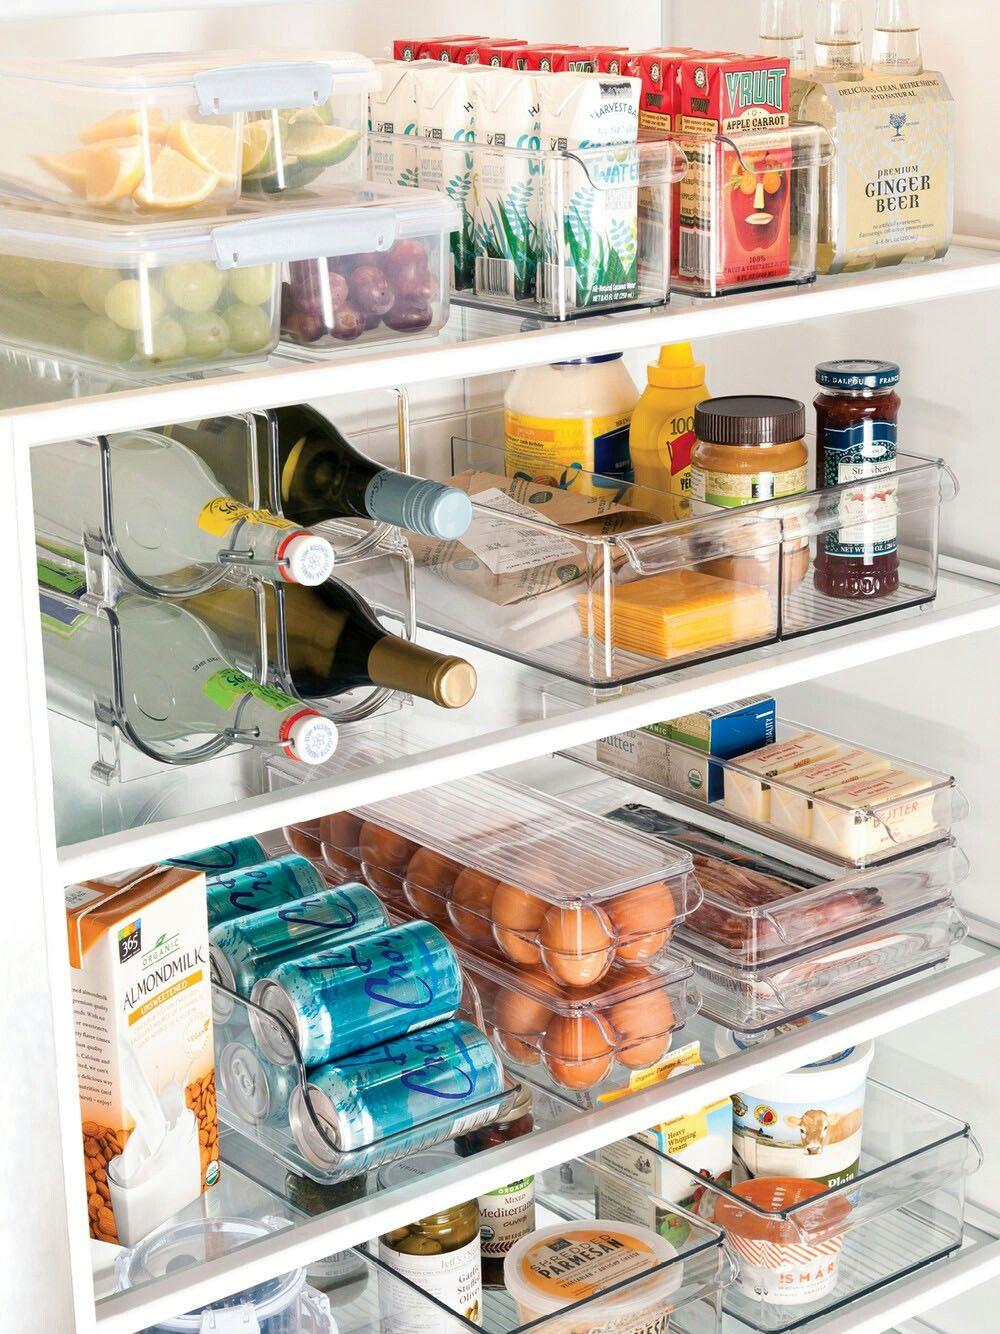 Pin von Moreno auf Organization   Pinterest   kreative Ideen, Küche ...